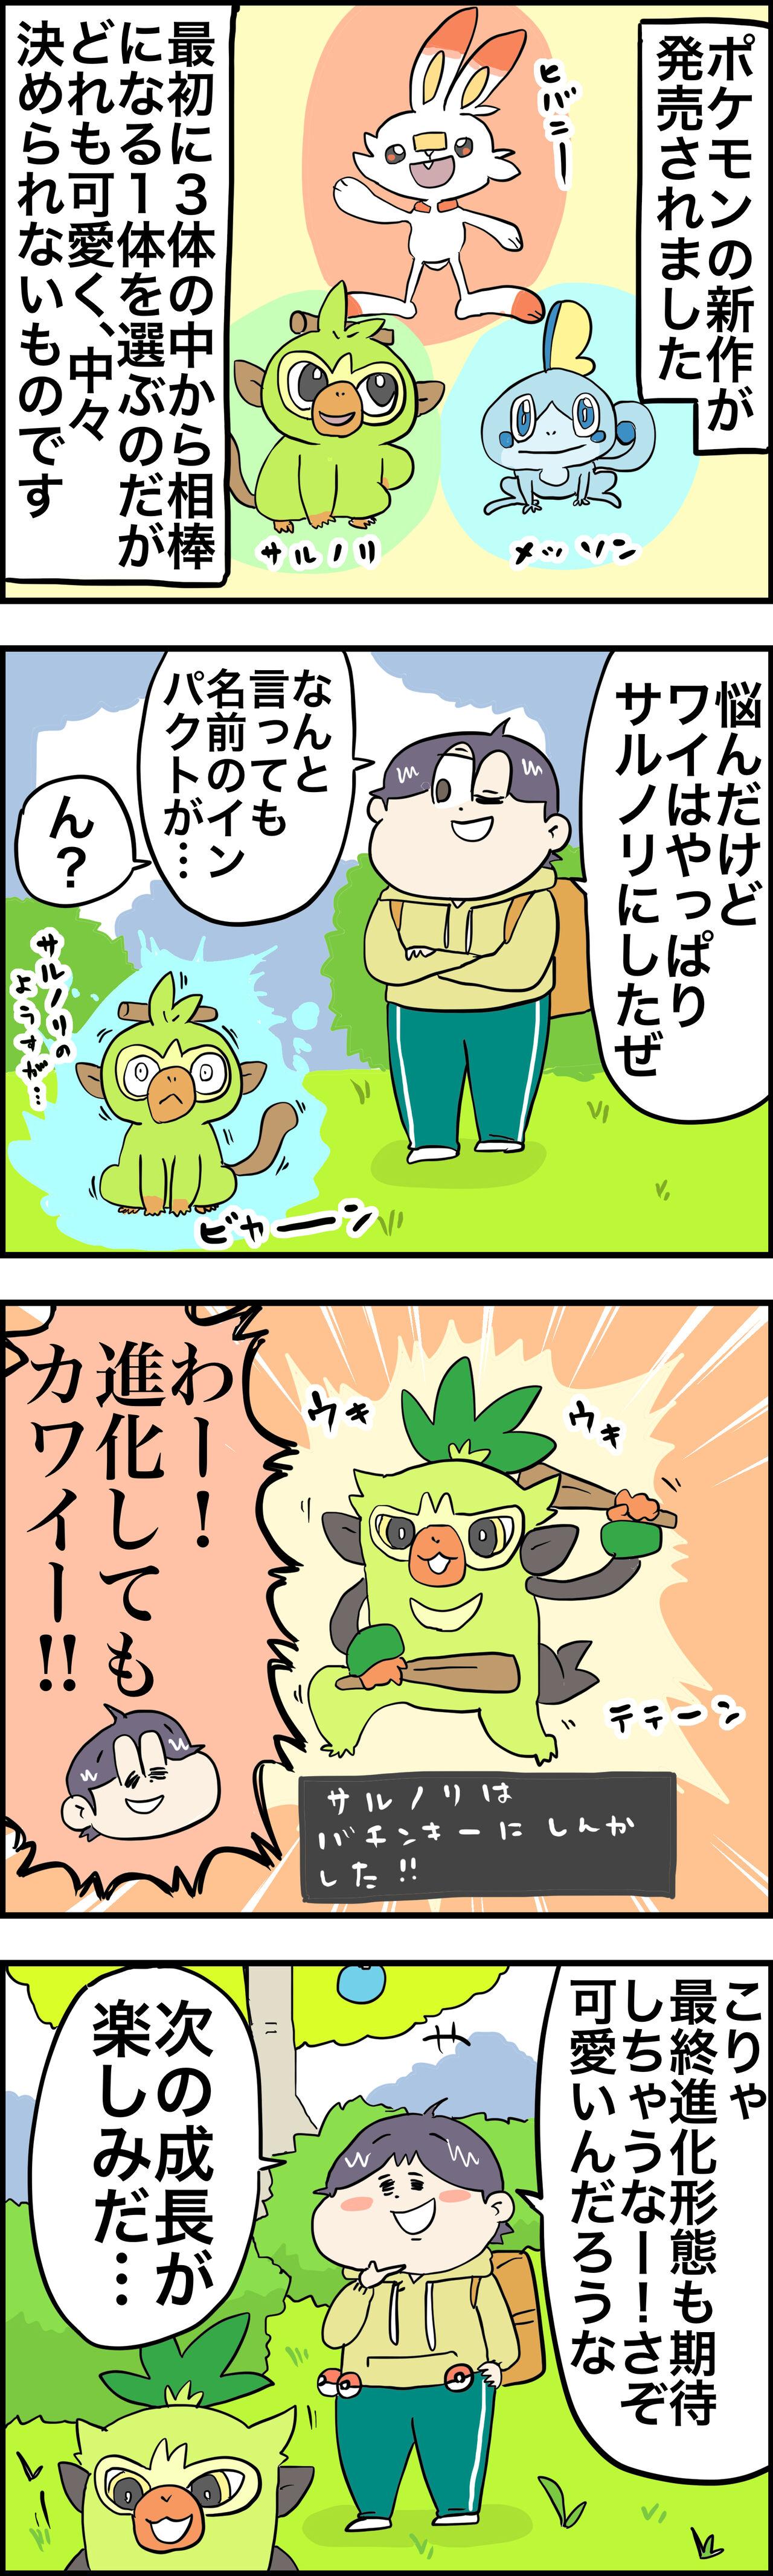 サルノリ 進化